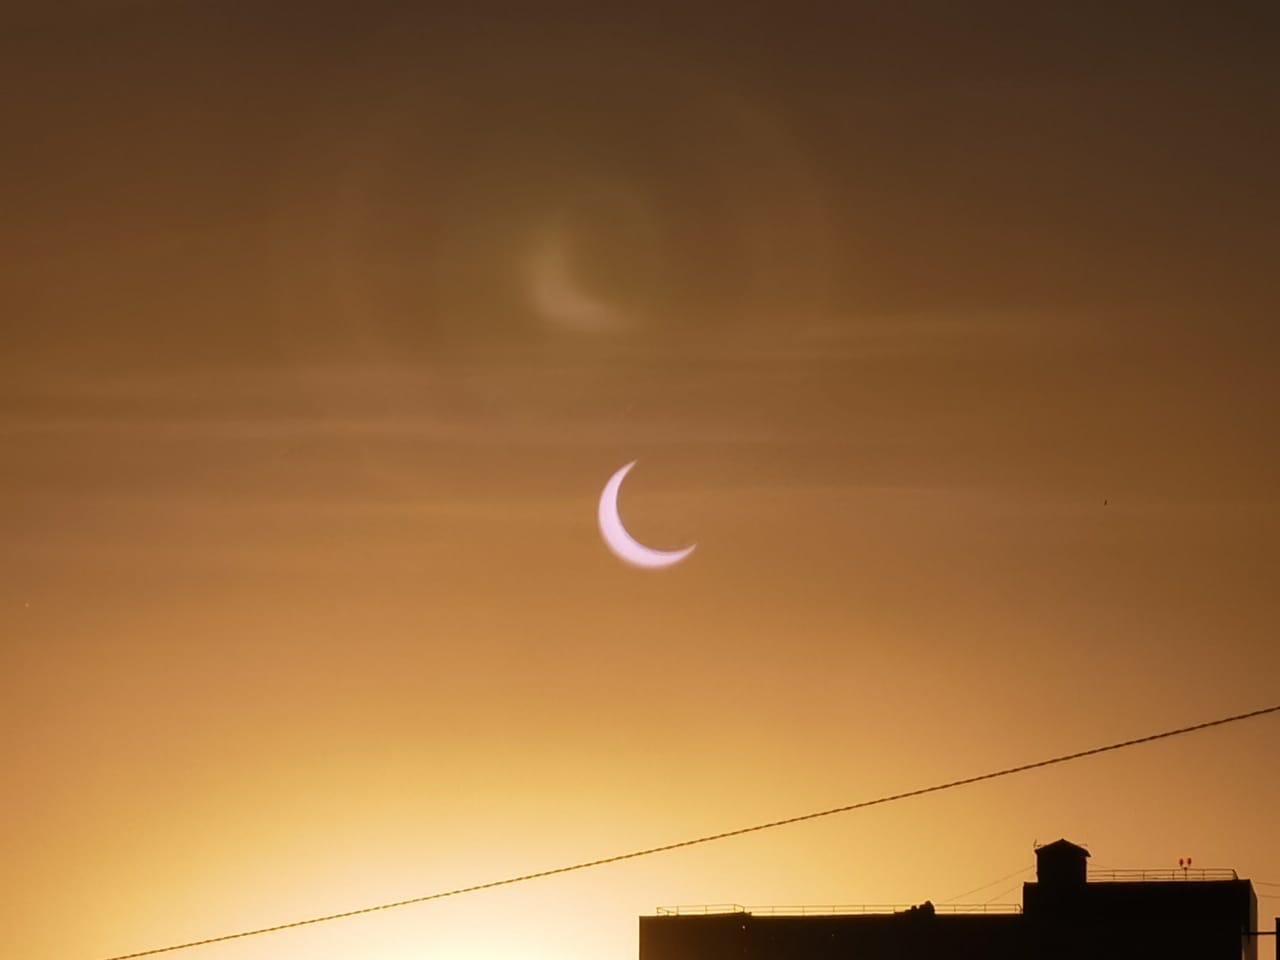 Лучше всего затмение было видно в Якутии. Фото из социальных сетей